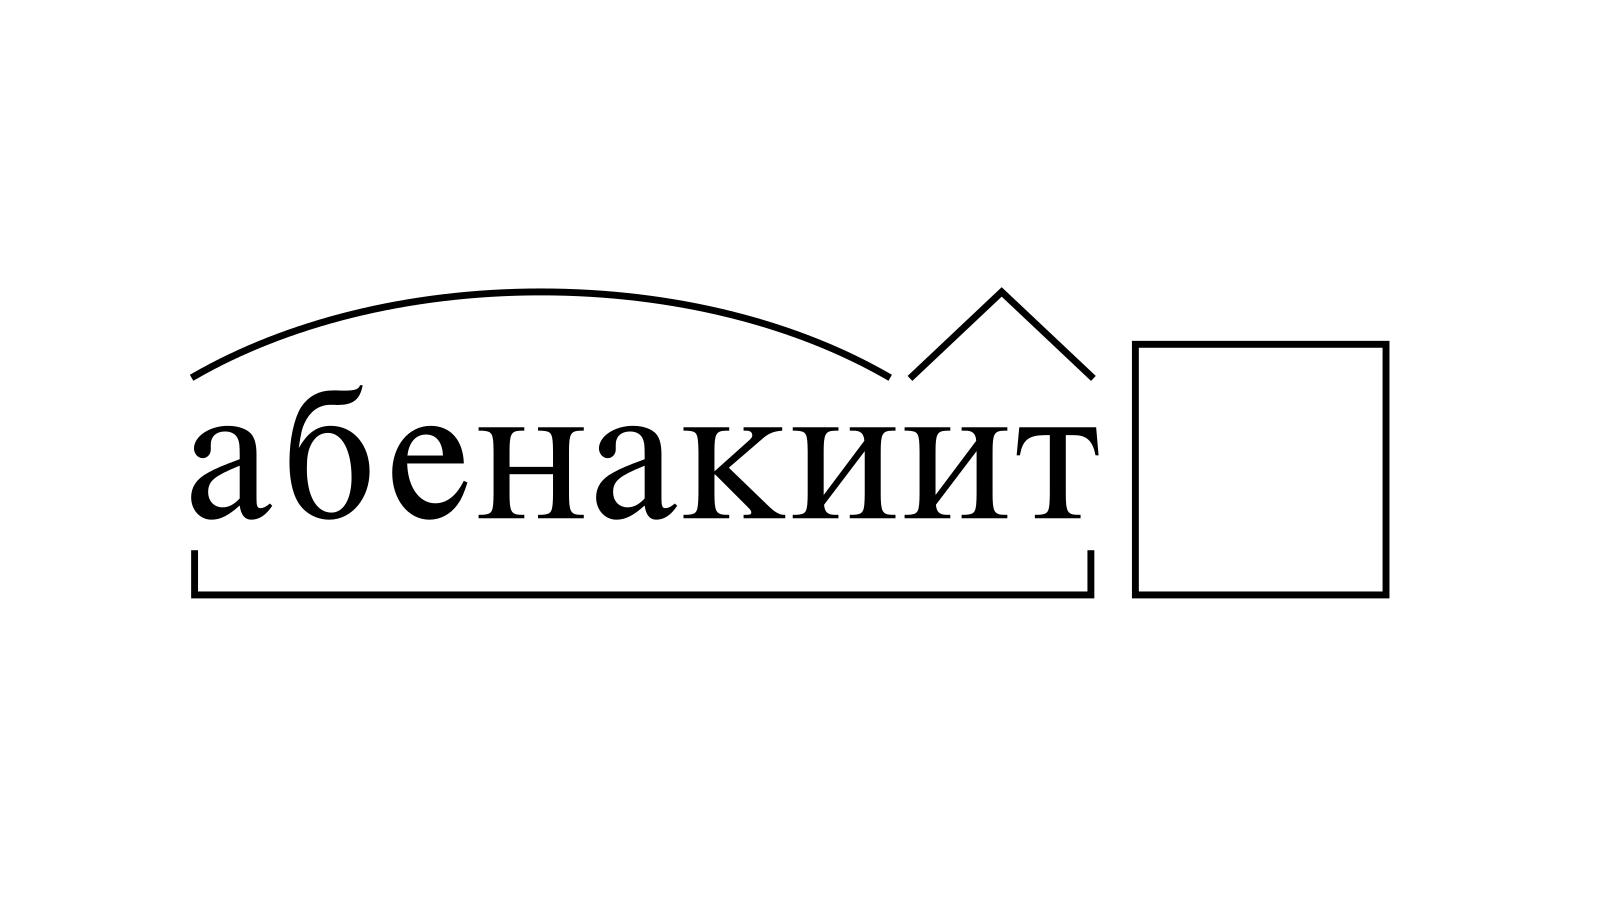 Разбор слова «абенакиит» по составу